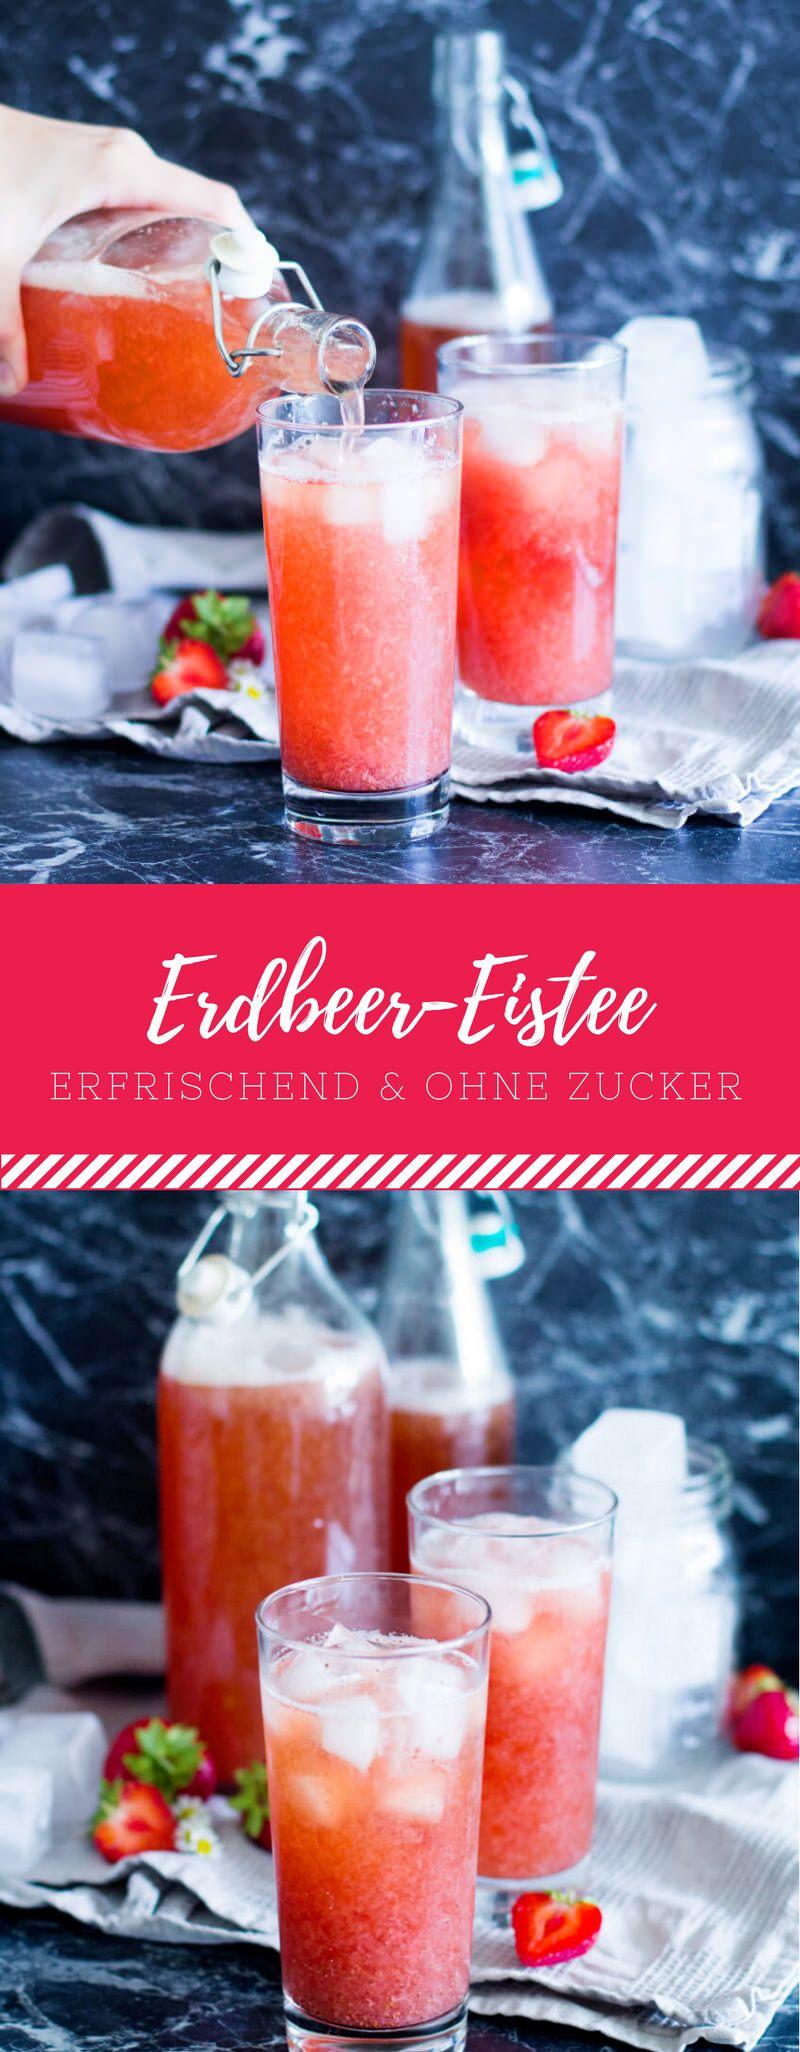 Erfrischender Erdbeer-Eistee ohne Zucker! Das Getränk für den Sommer ...